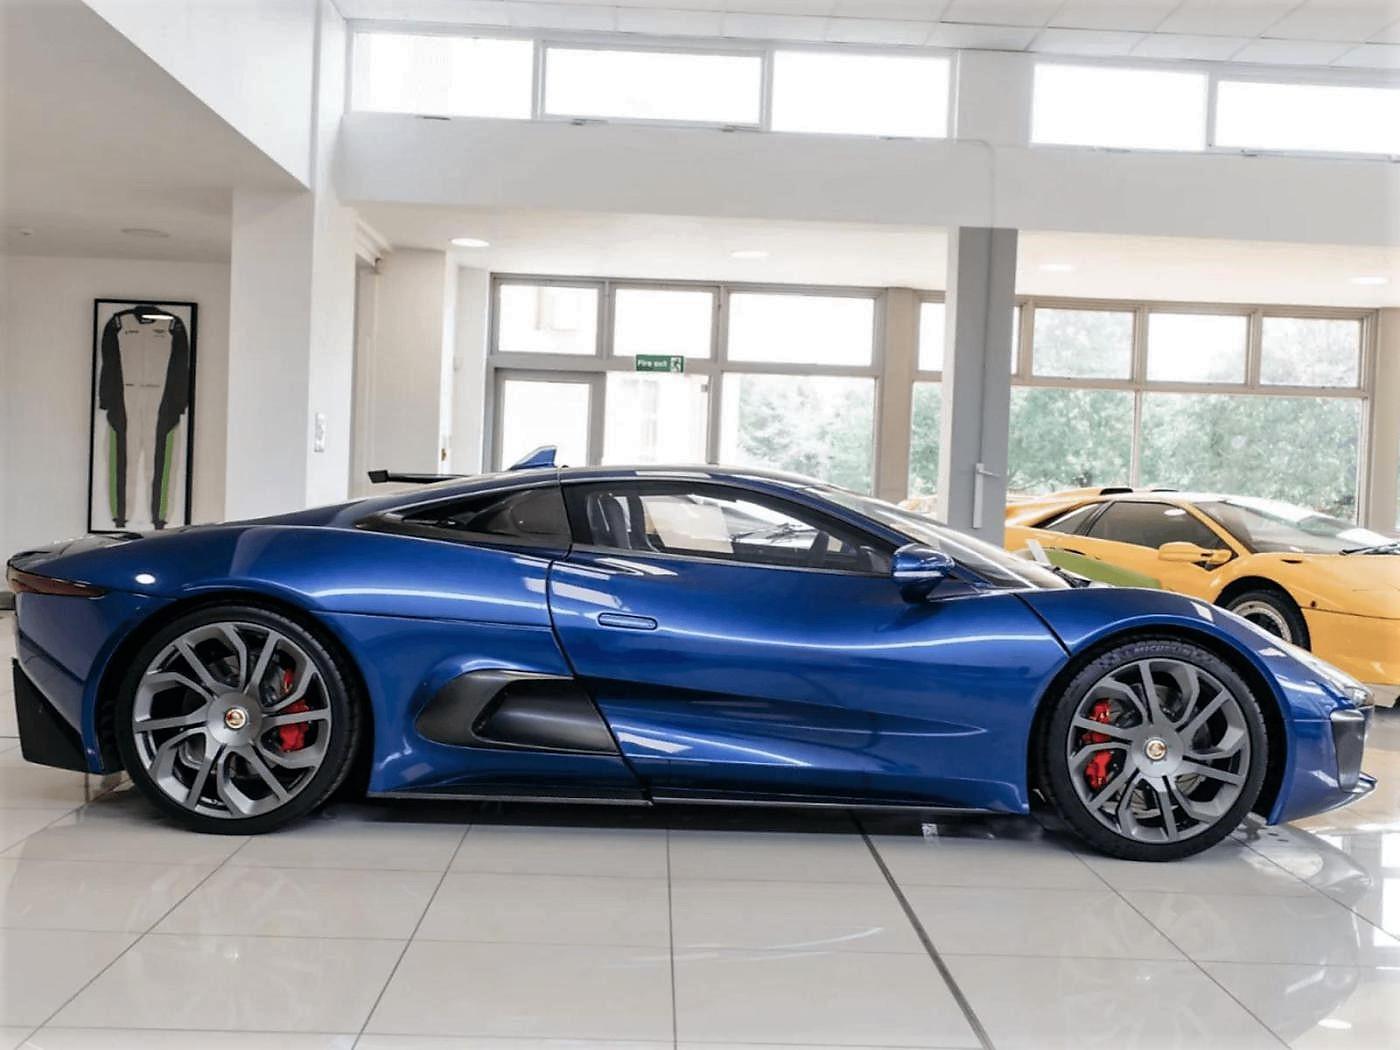 jaguar c-x75 spectre james bond